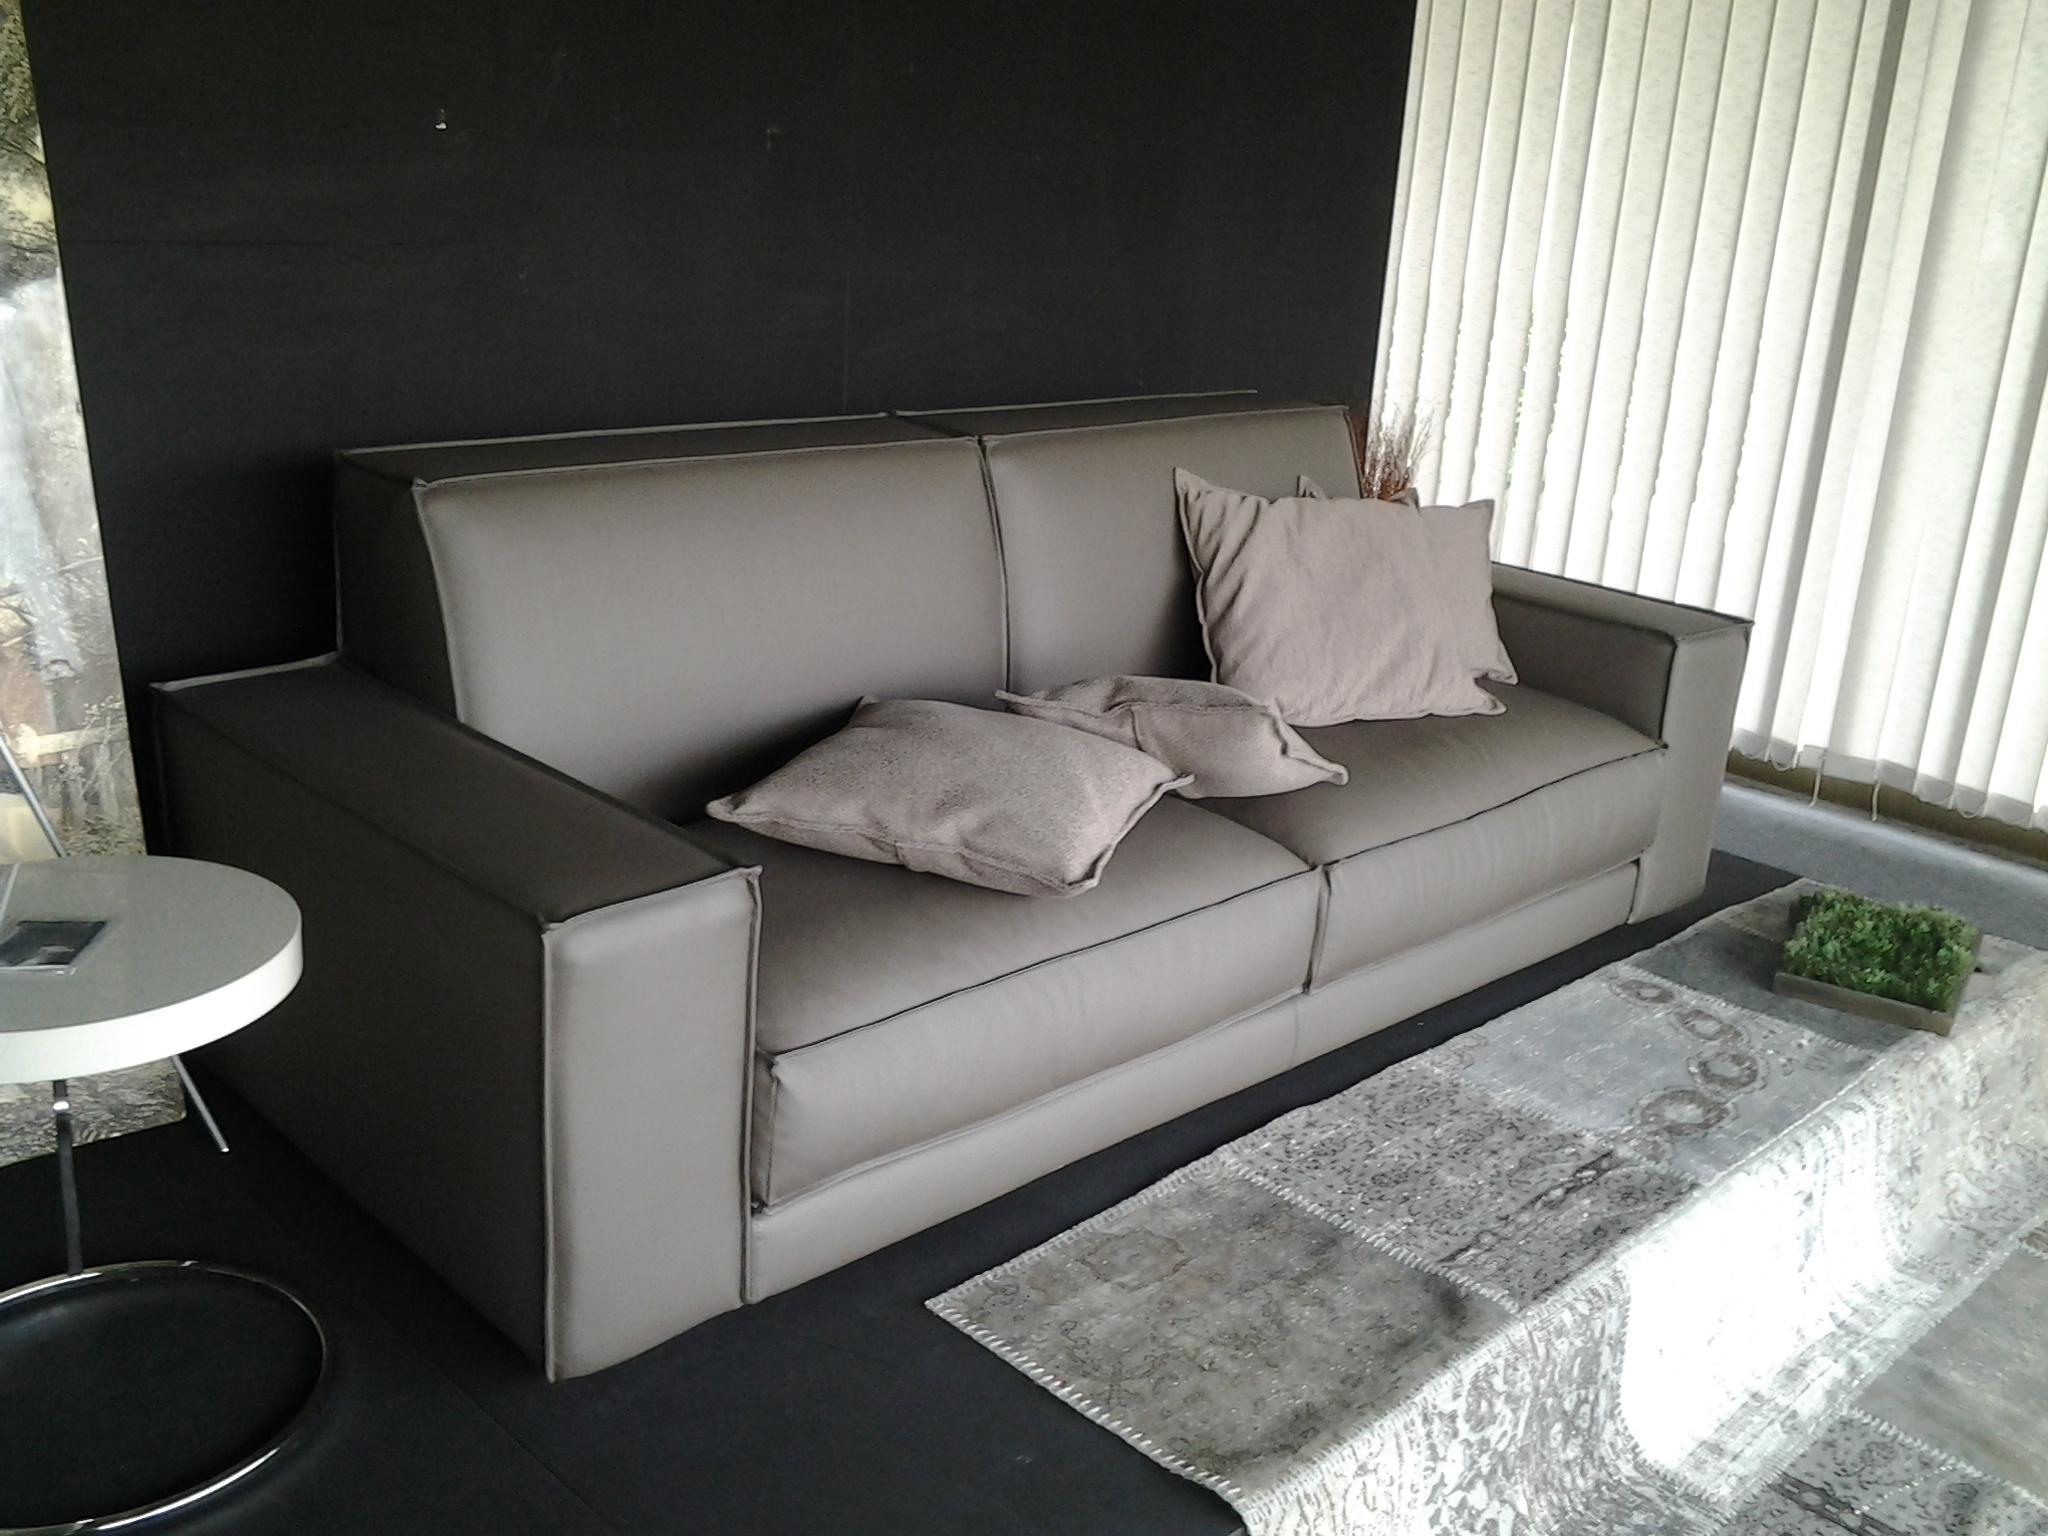 Ditre italia divano buble 39 divani lineari ecopelle divano - Divano 3 posti divano 2 posti ...